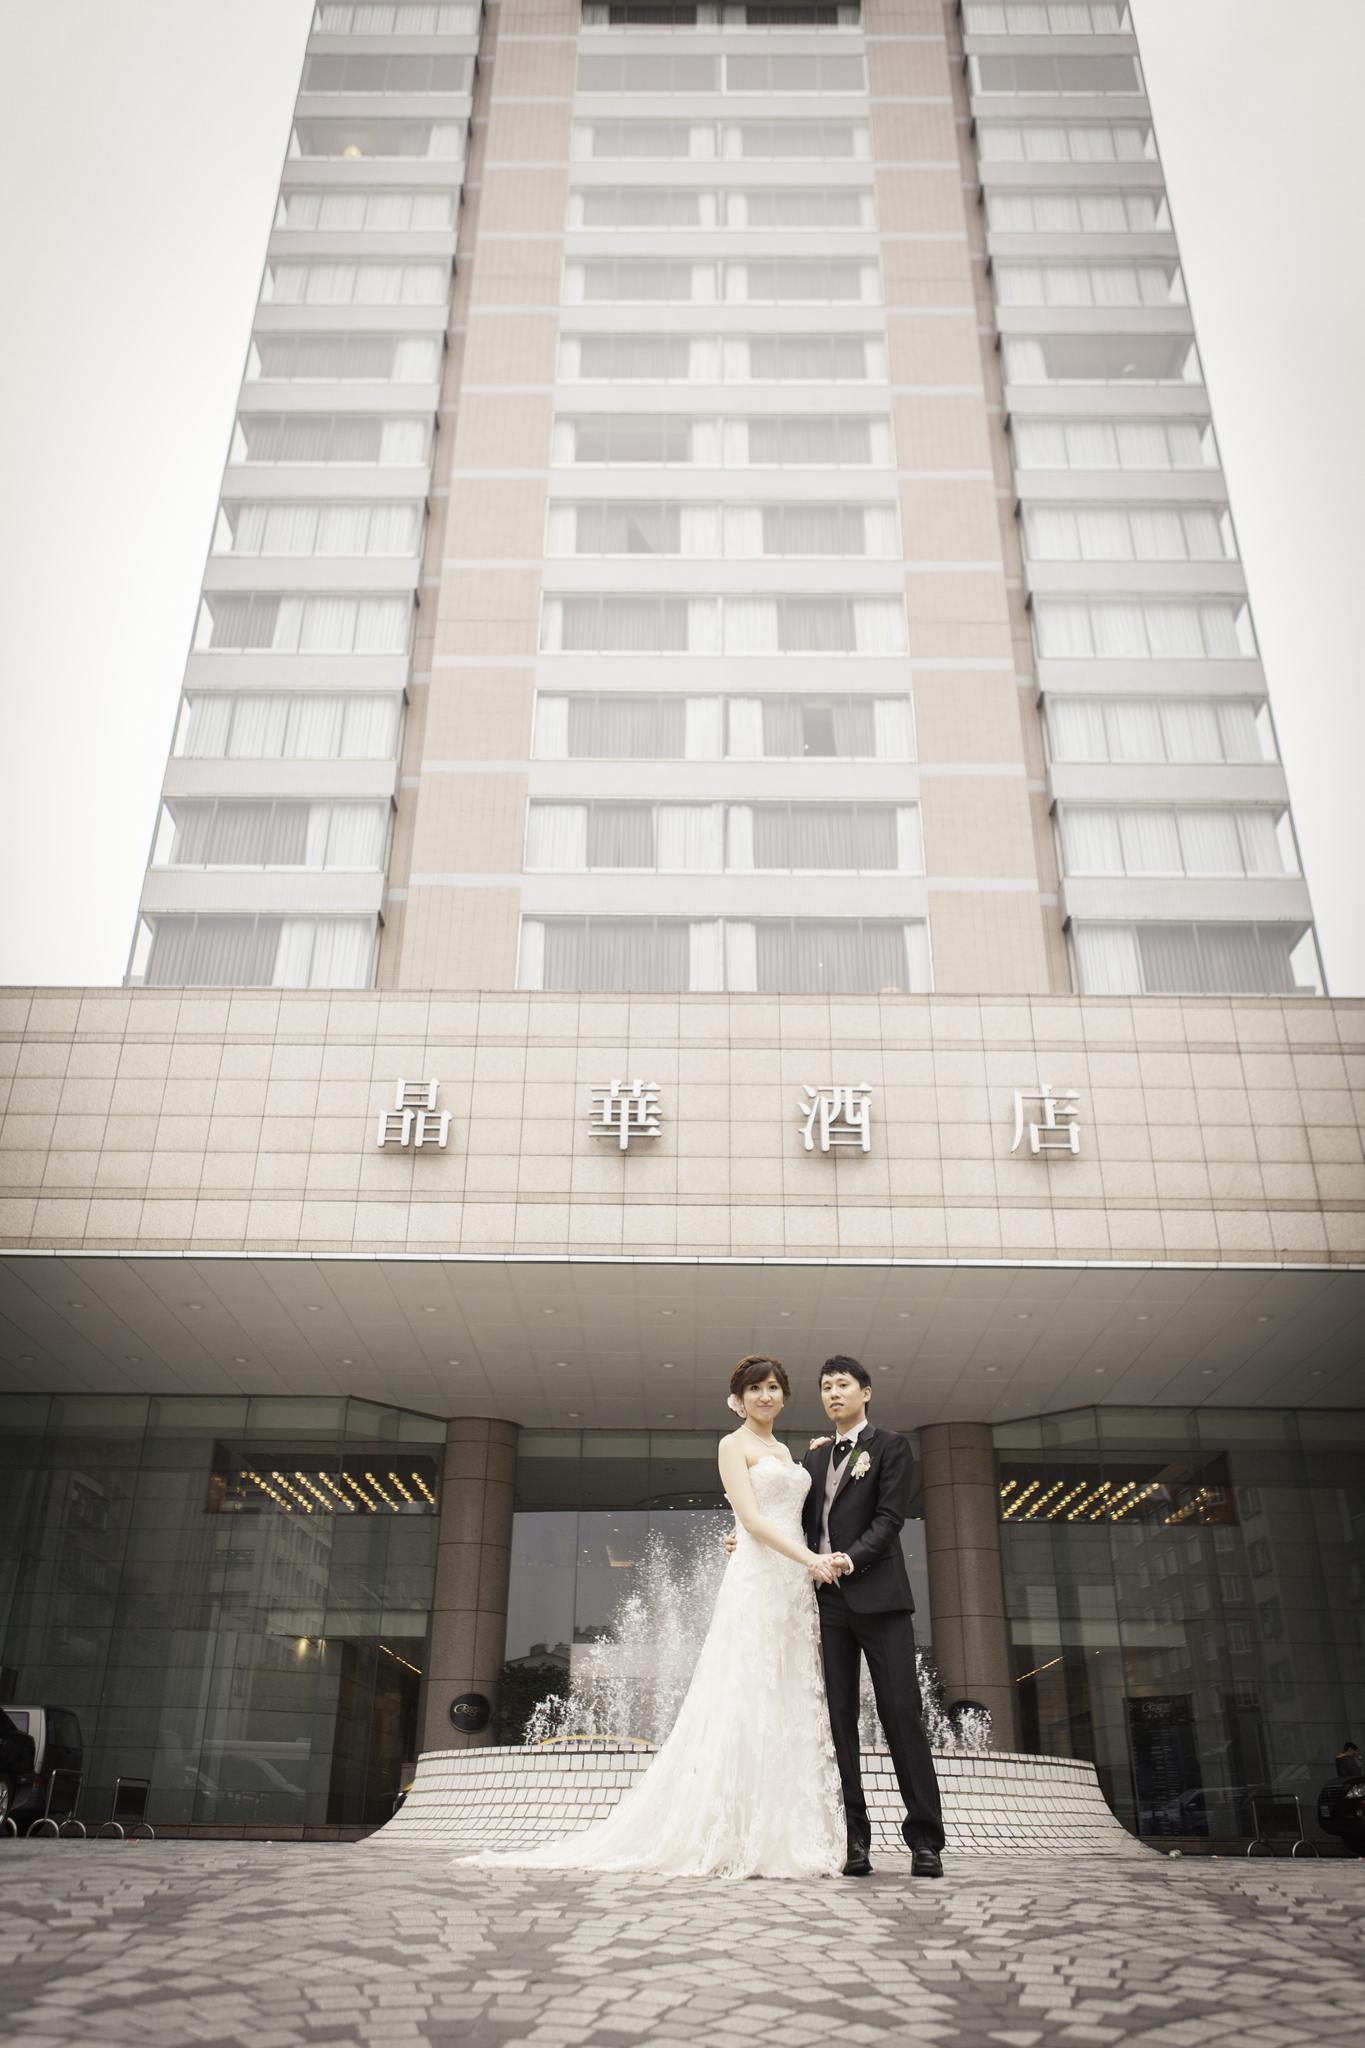 |台北婚攝| 治宏&宇文 婚禮攝影紀錄| 台北晶華酒店